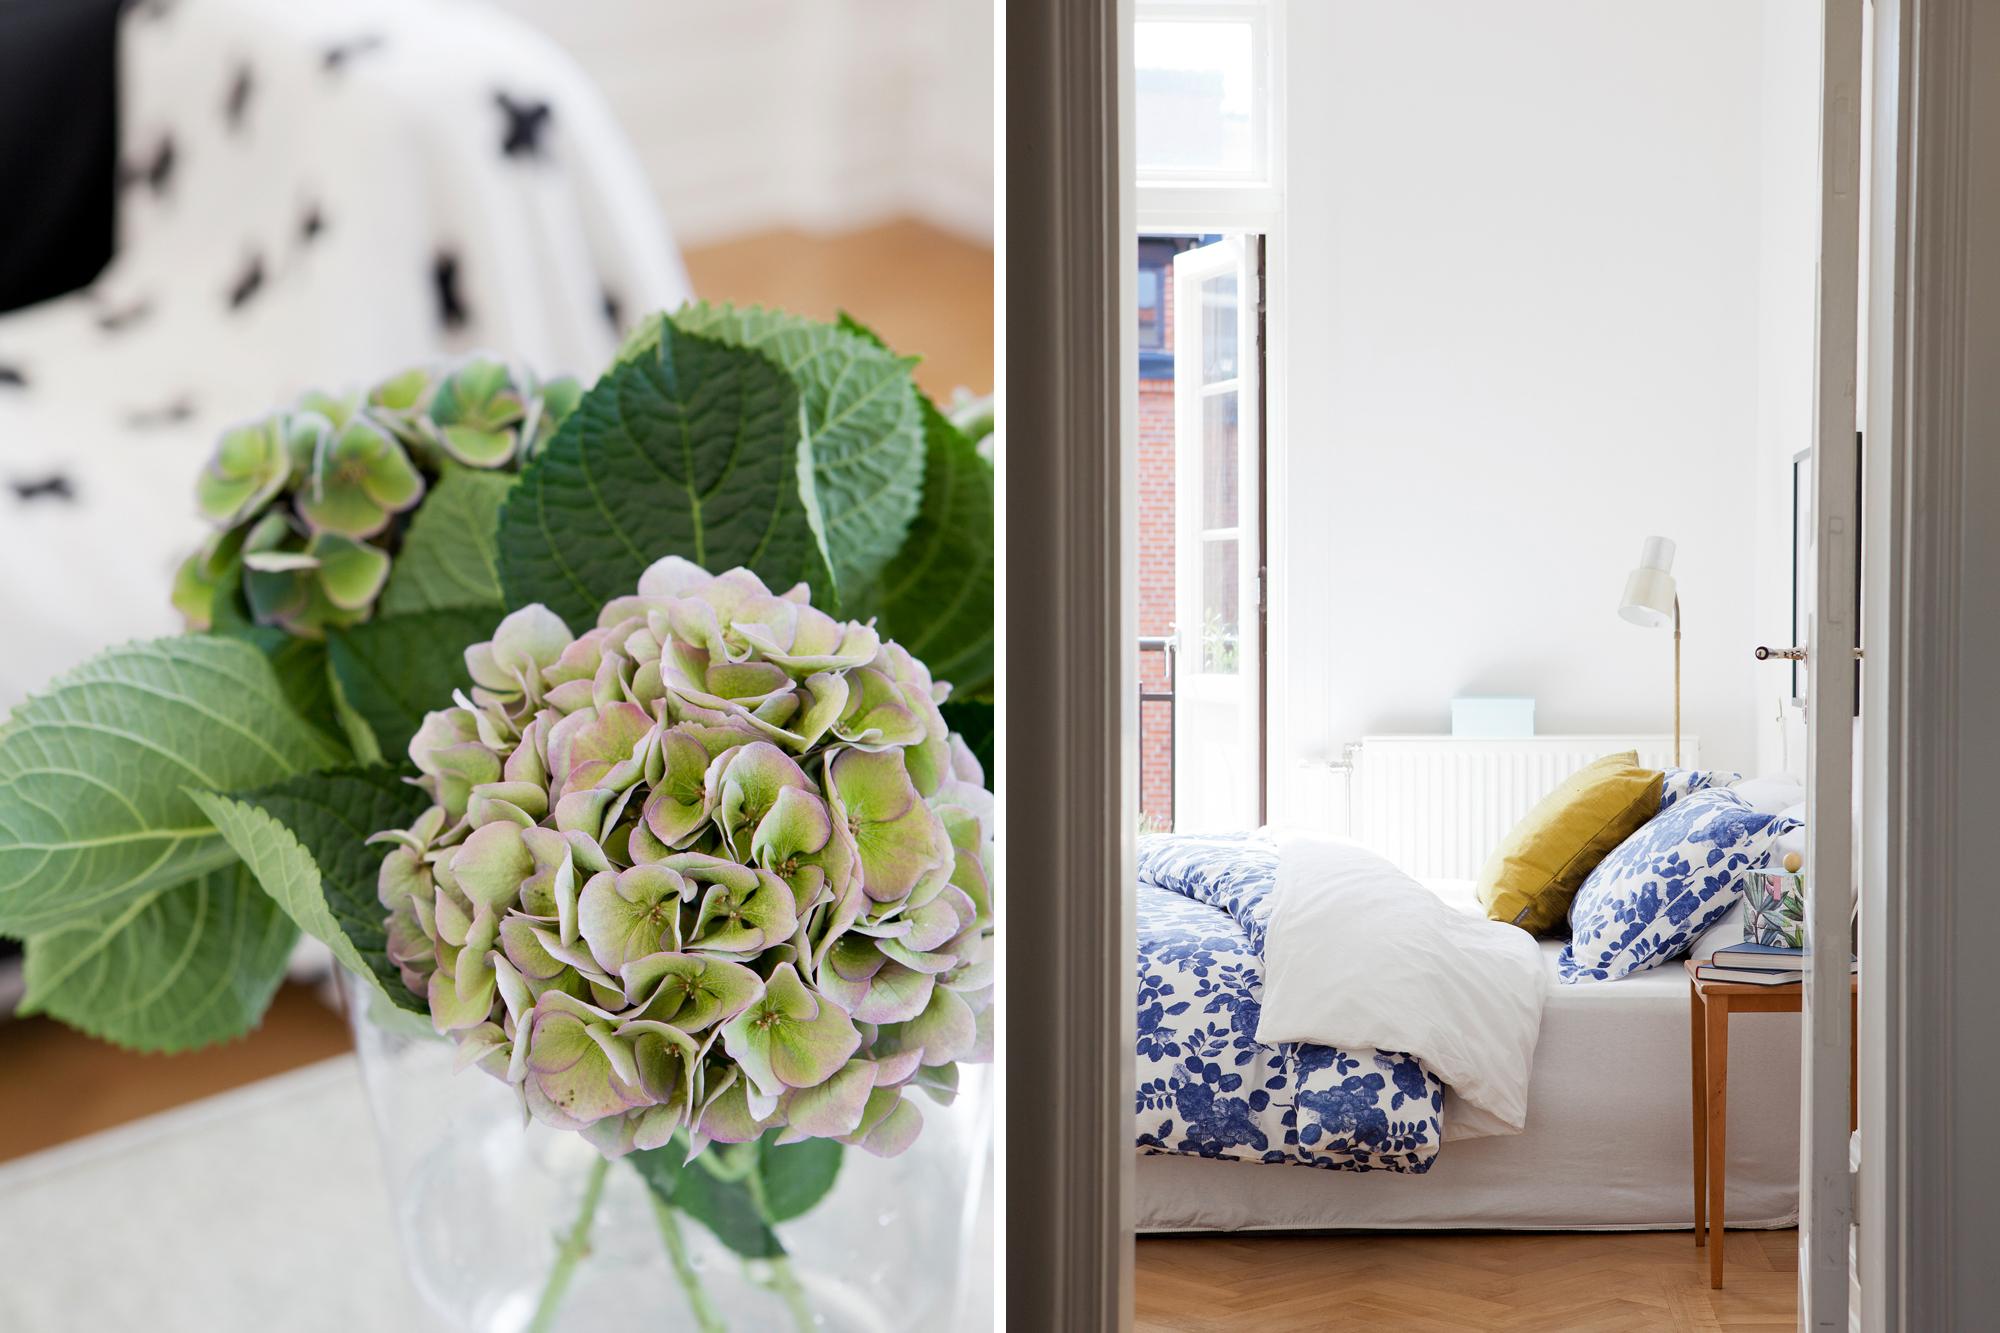 Hemnet home: Erik Dahlbergsgatan 24b (Bo-laget) – Husligheter.se